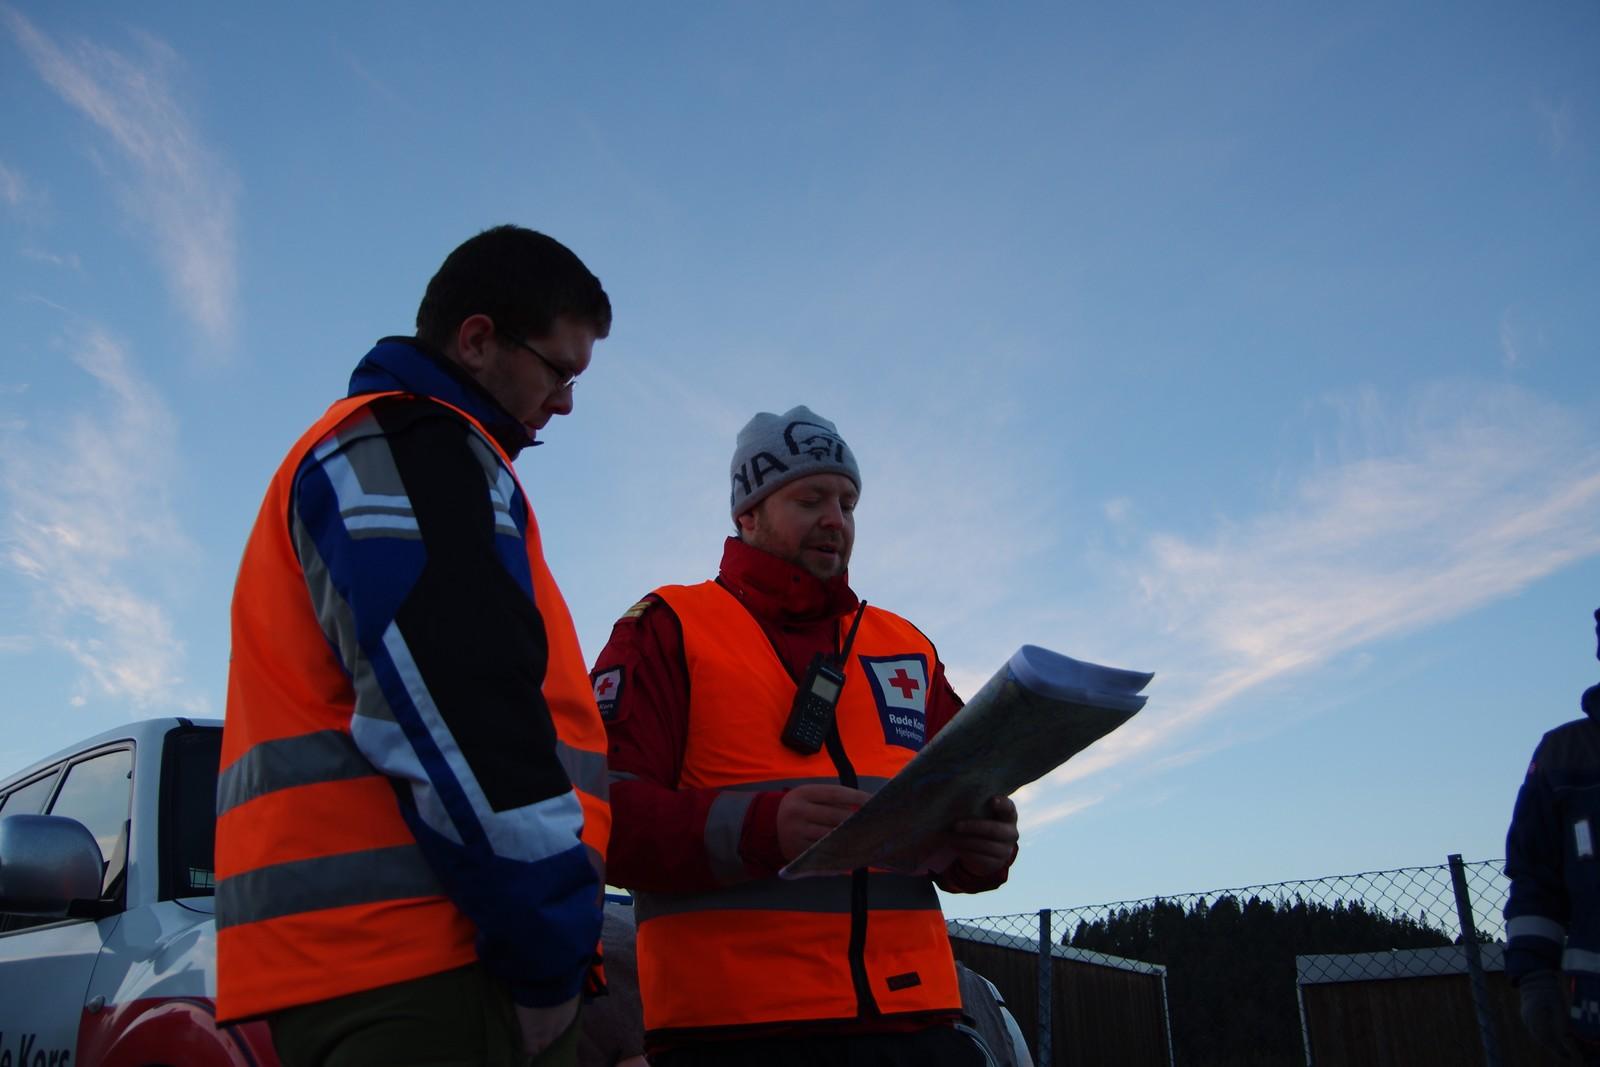 Mannskaper fra hjelpekorpset studerer kart.